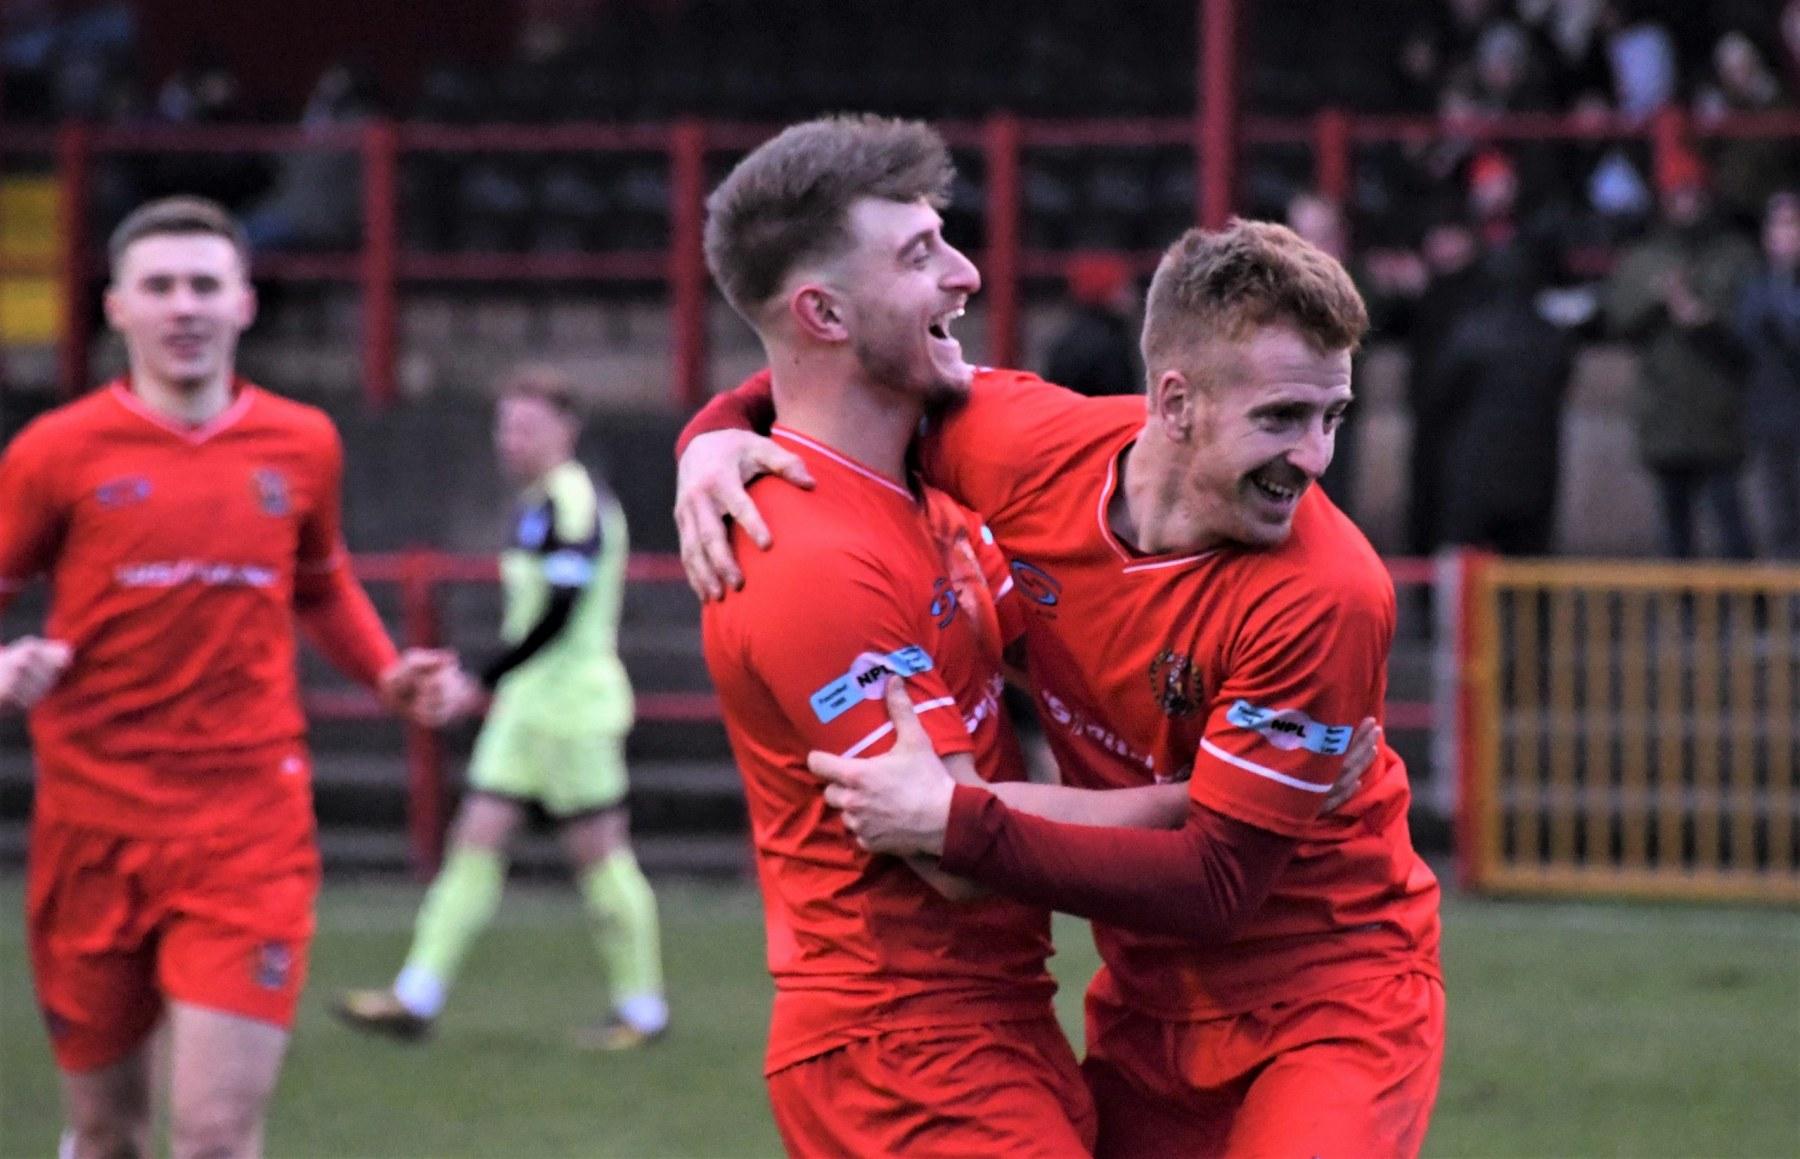 Workington-Reds-v-Ossett-Utd-Ben-Challis-26-scaled